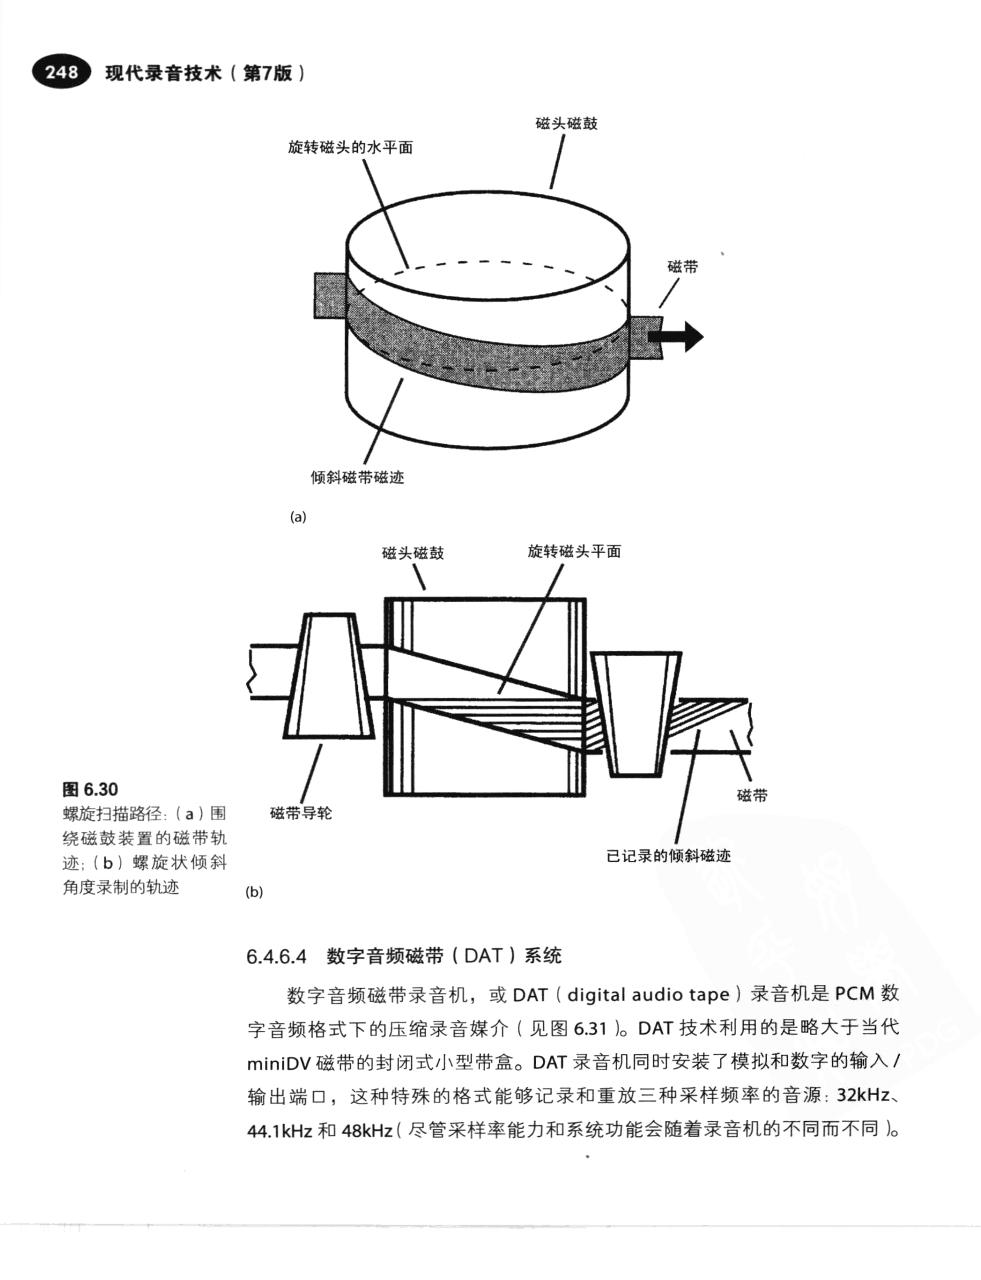 现代录音技术(第7版) 275